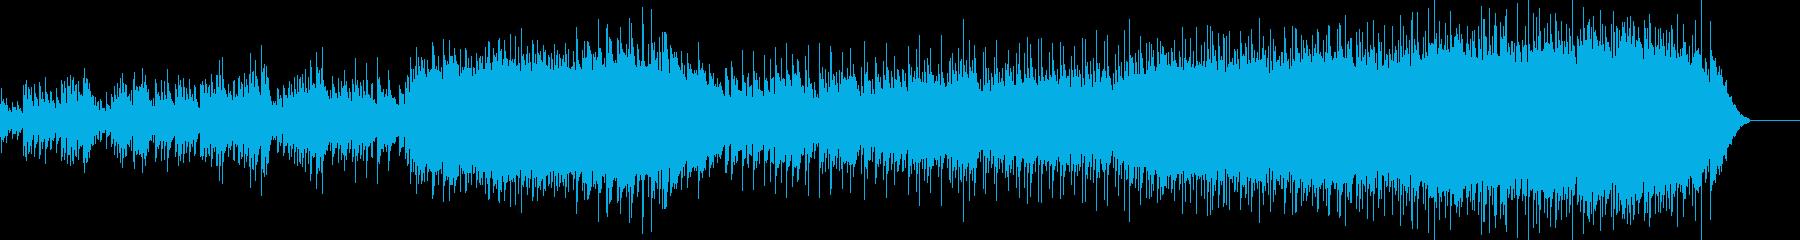 安らかなエンディング向けバラードの再生済みの波形